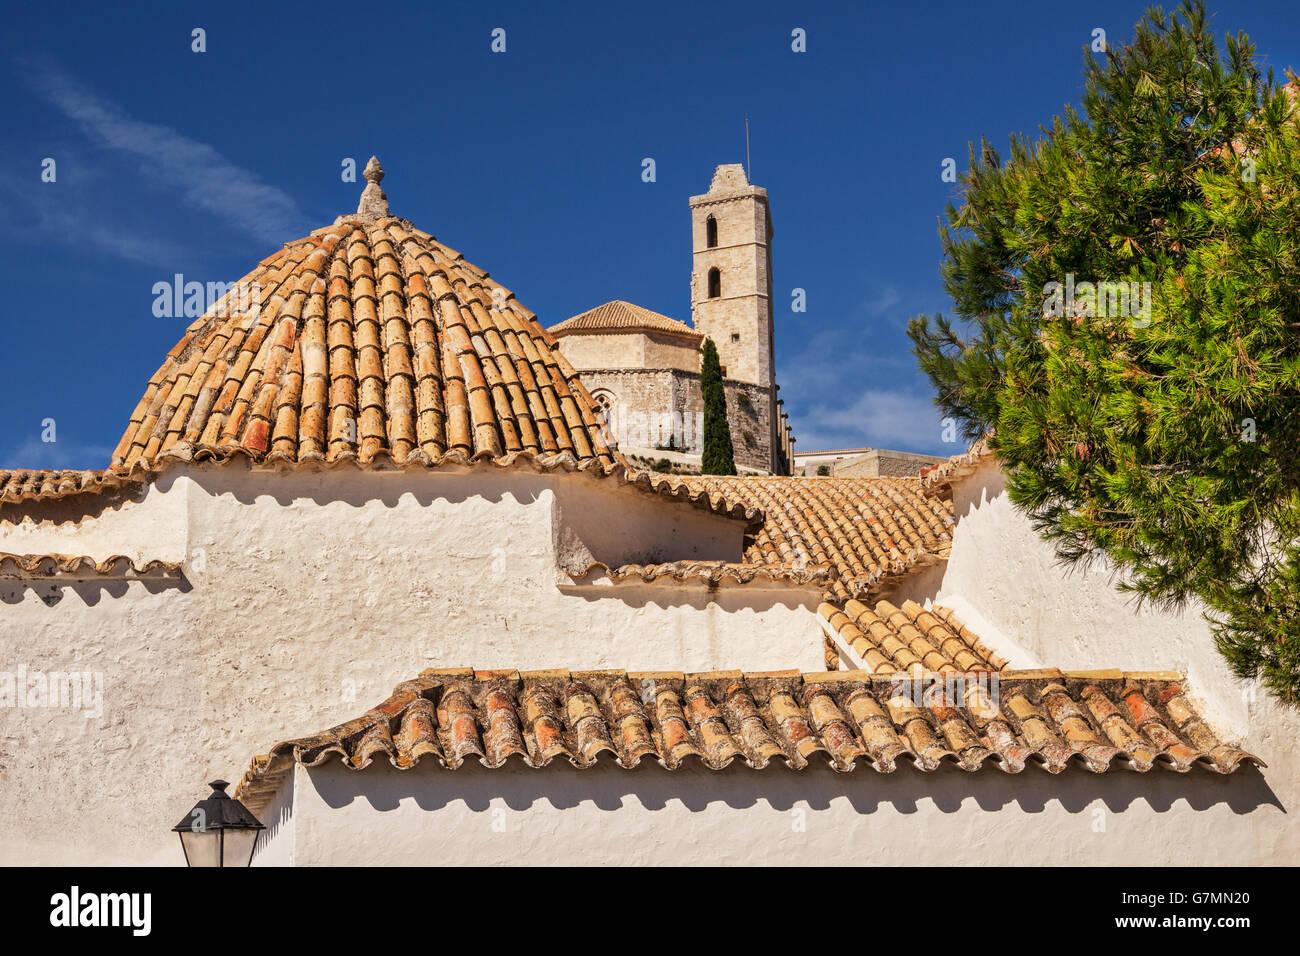 Tetti di Dalt Vila, la parte vecchia della città di Ibiza, dominata dalla Cattedrale, Ibiza, Spagna. Immagini Stock